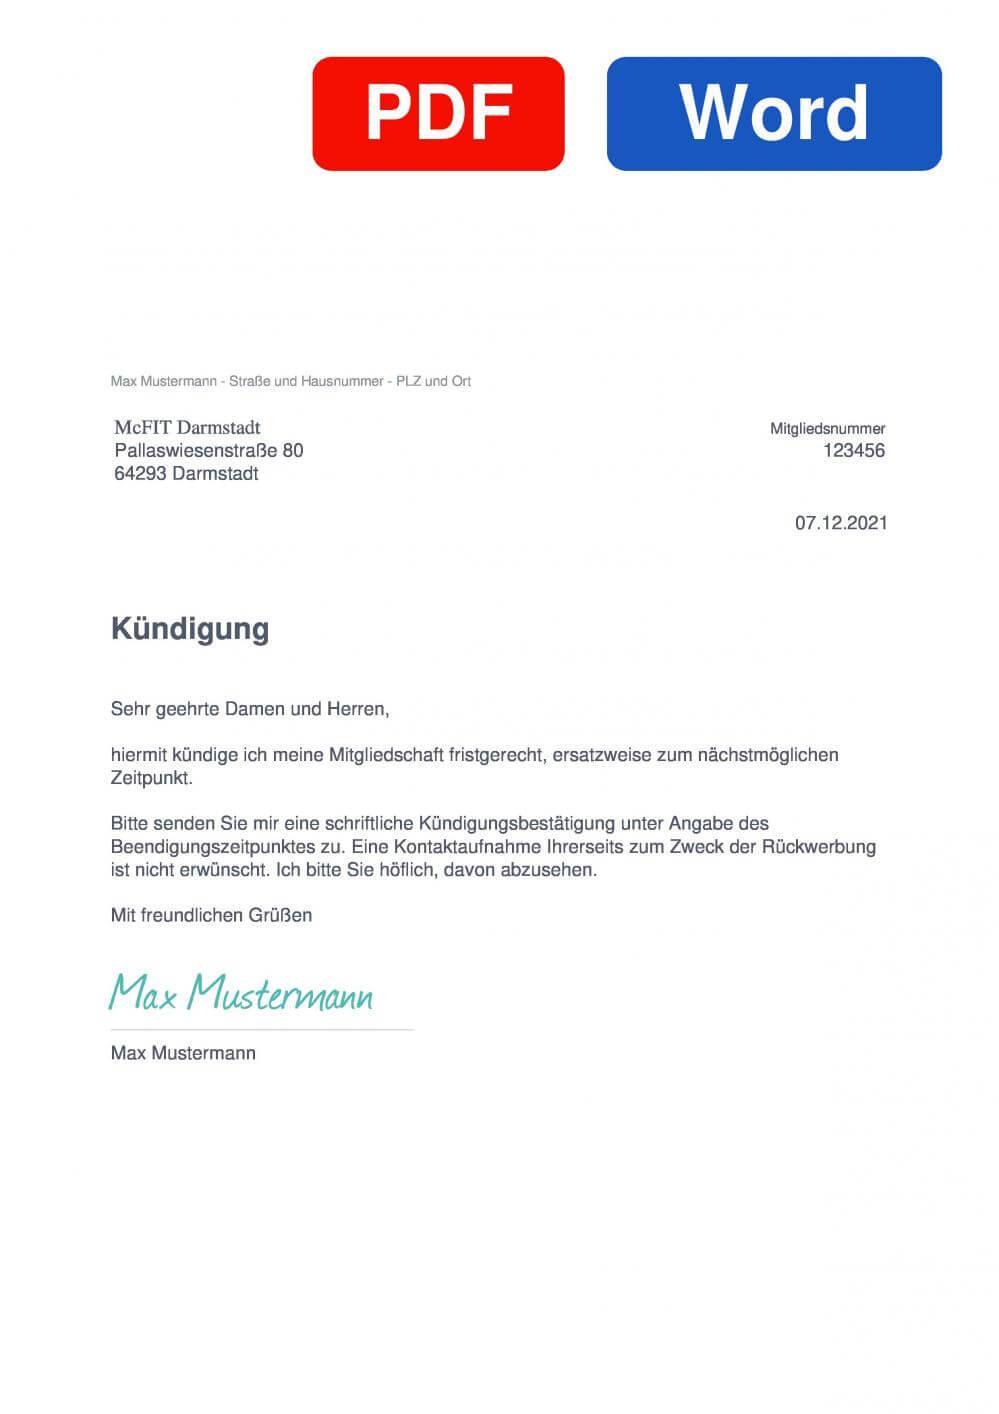 McFIT Darmstadt Muster Vorlage für Kündigungsschreiben